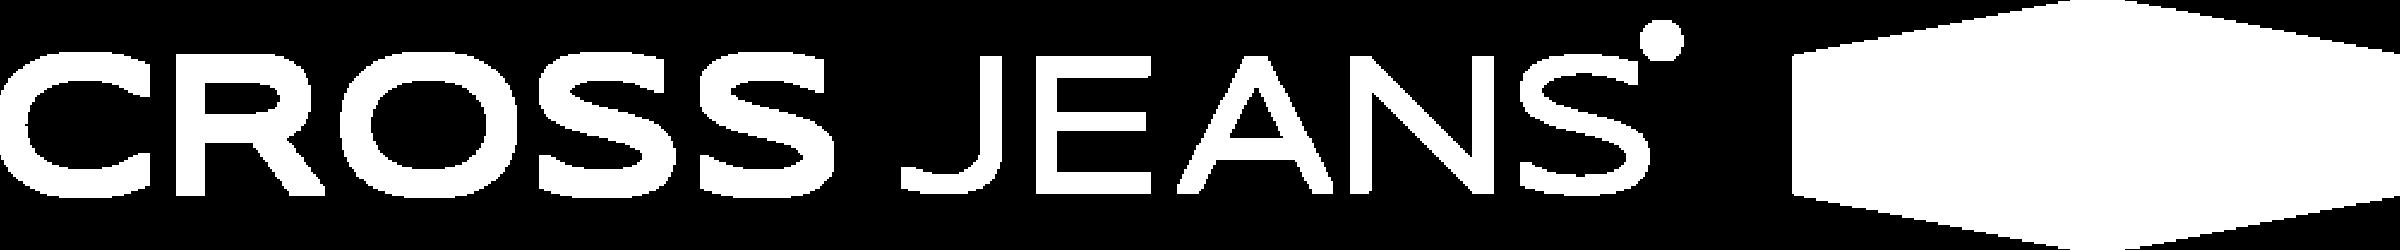 Cross Jeans Logo